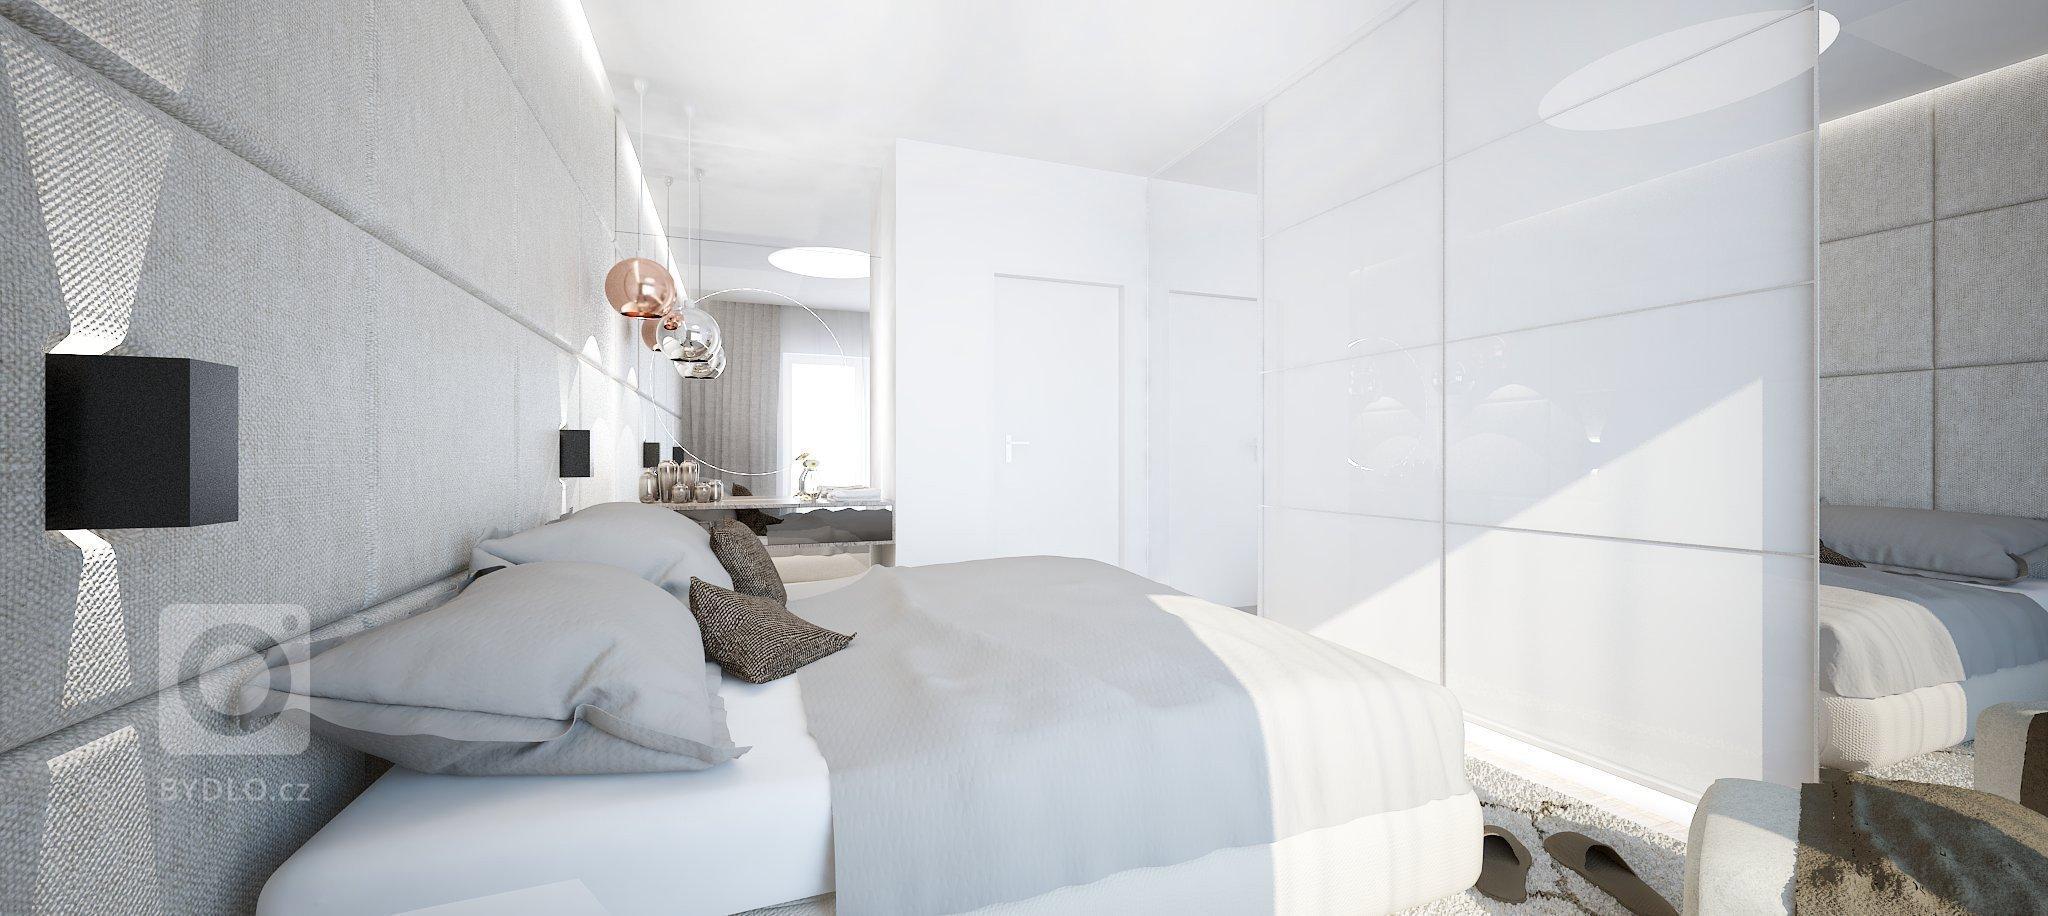 Rezidencie Pri mýte je nový projekt interiéru v luxusnom štýle ! Minimalistický a moderný, taký je ďalší interiér z našej dielne.